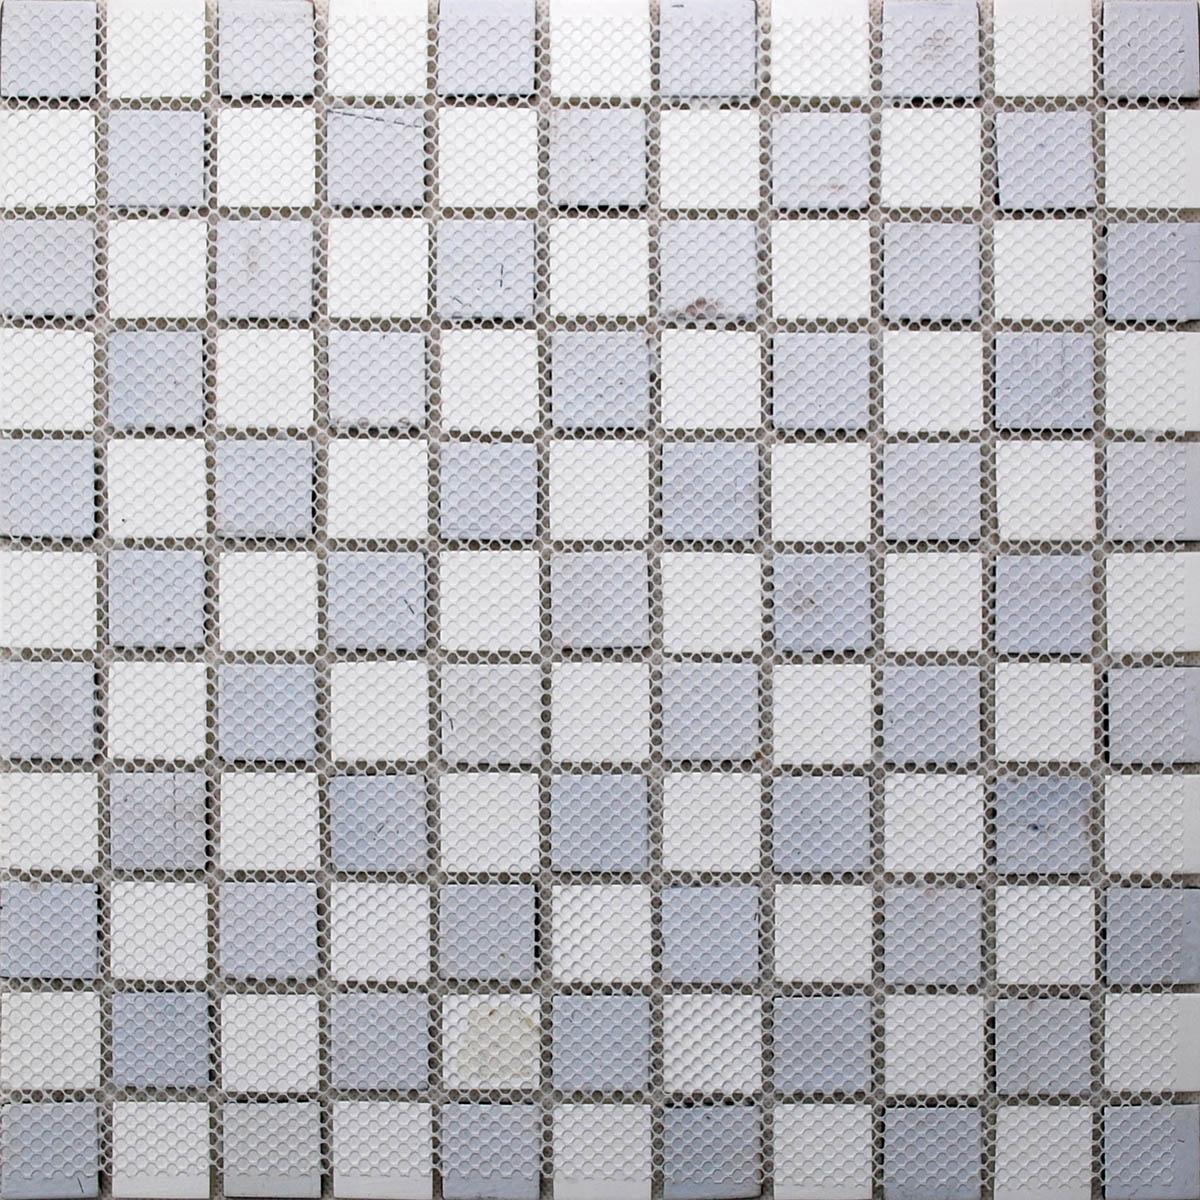 Glass Mosaic Tiles melted Crack Crystal Backsplash Tile Bathroom ...